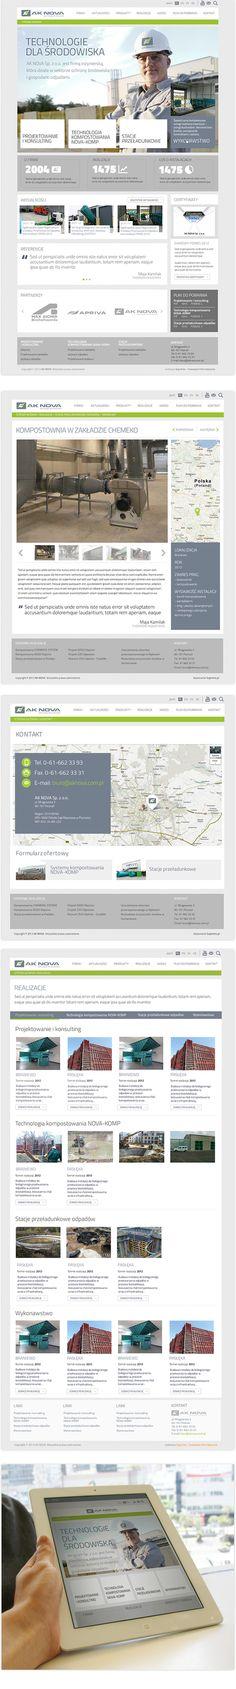 Aknova.pl - w pełnie responsywny serwis dla firmy AK Nova